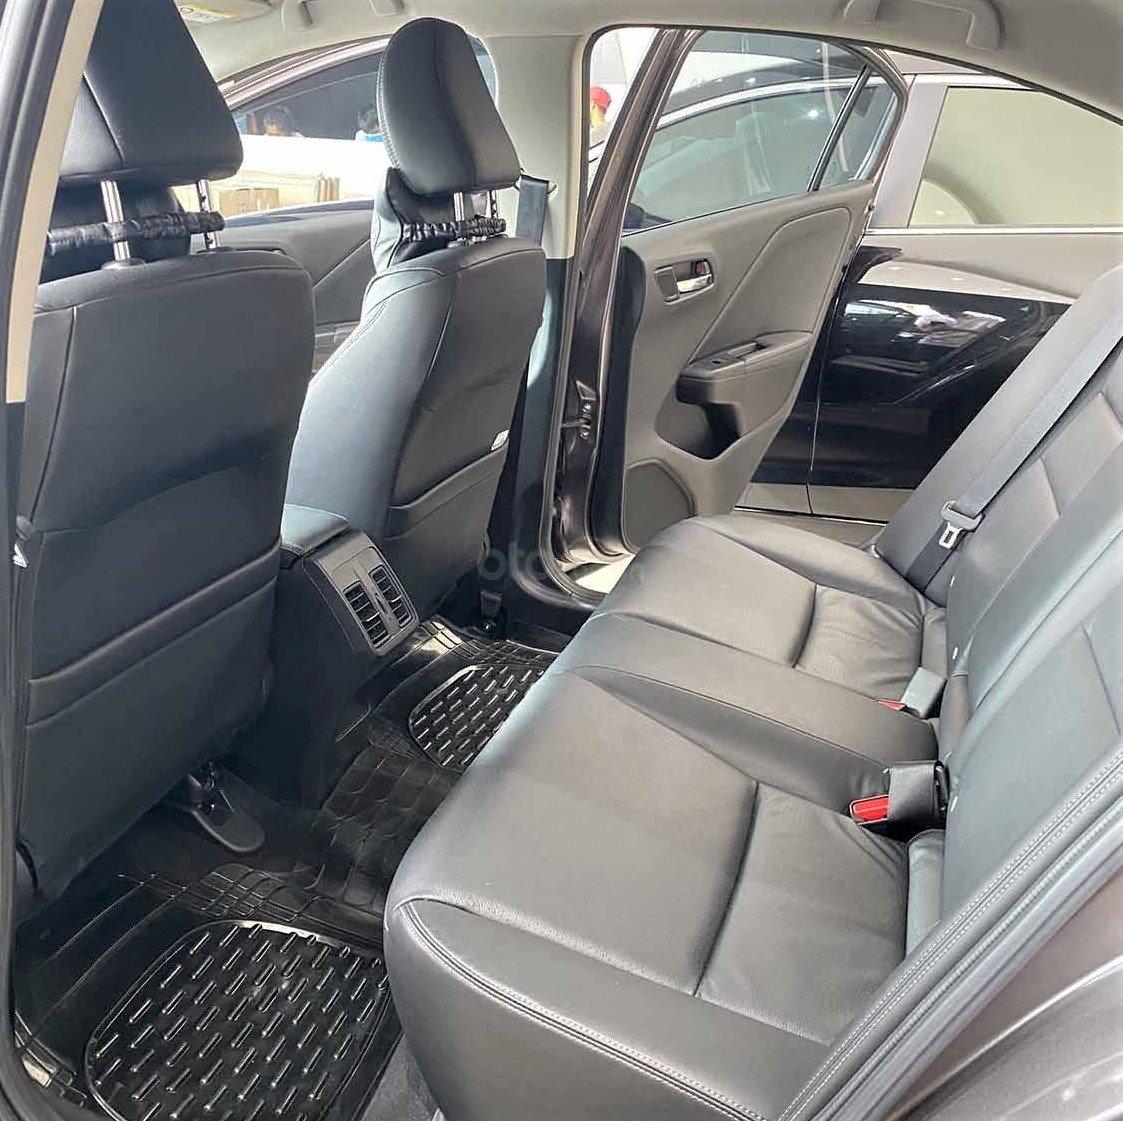 Hàng ghế sau của Honda City TOP 2018 khá thoải mái cho người 170 cm 1